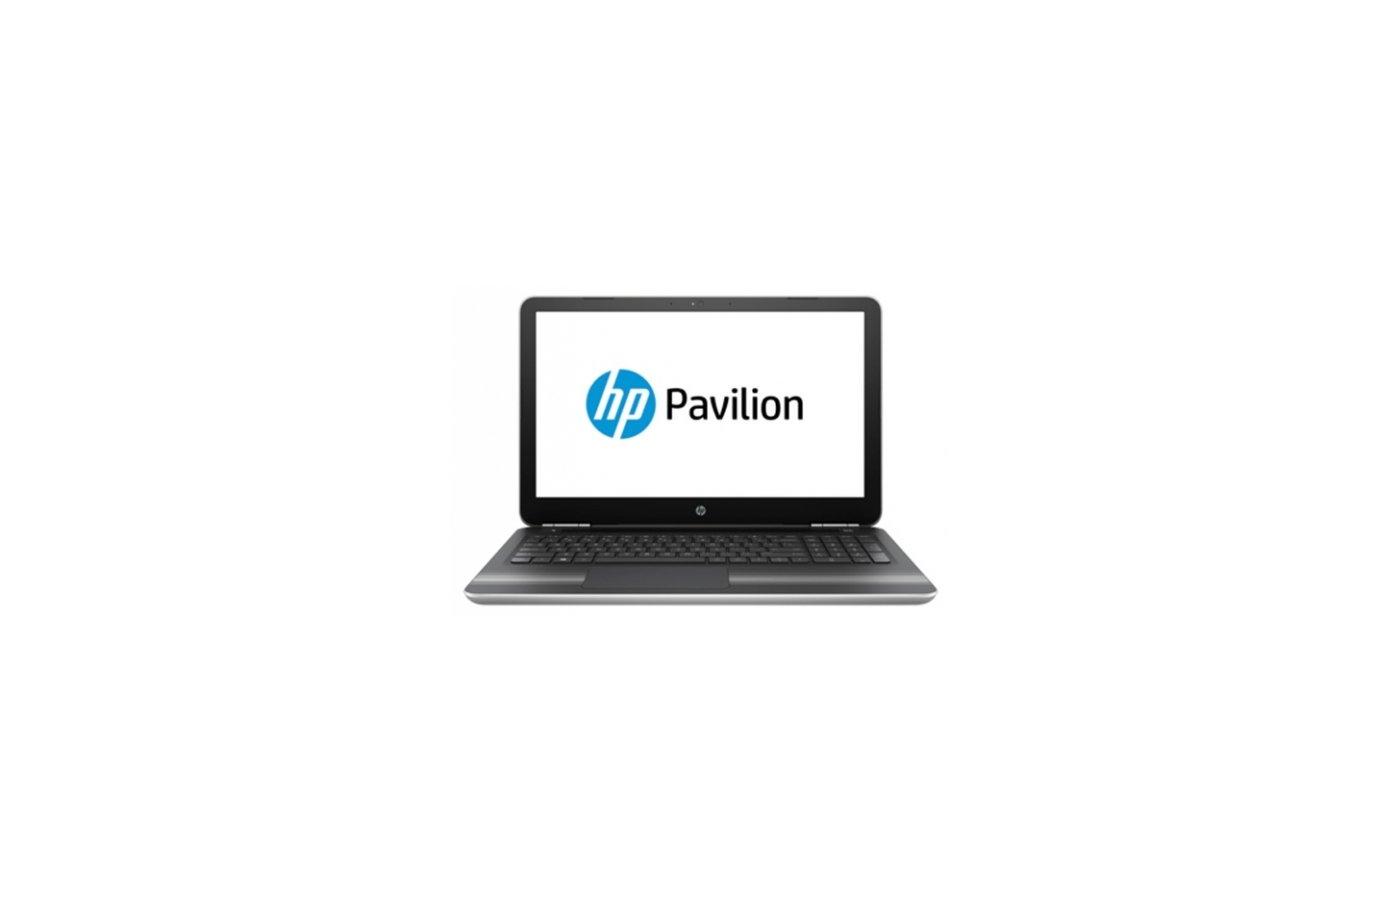 Ноутбук HP Pavilion 15-aw027UR /X5B82EA/ AMD A9 9410/8Gb/1Tb/DVDRW/R7 M440 2Gb/15.6FHD/WiFi/Win10